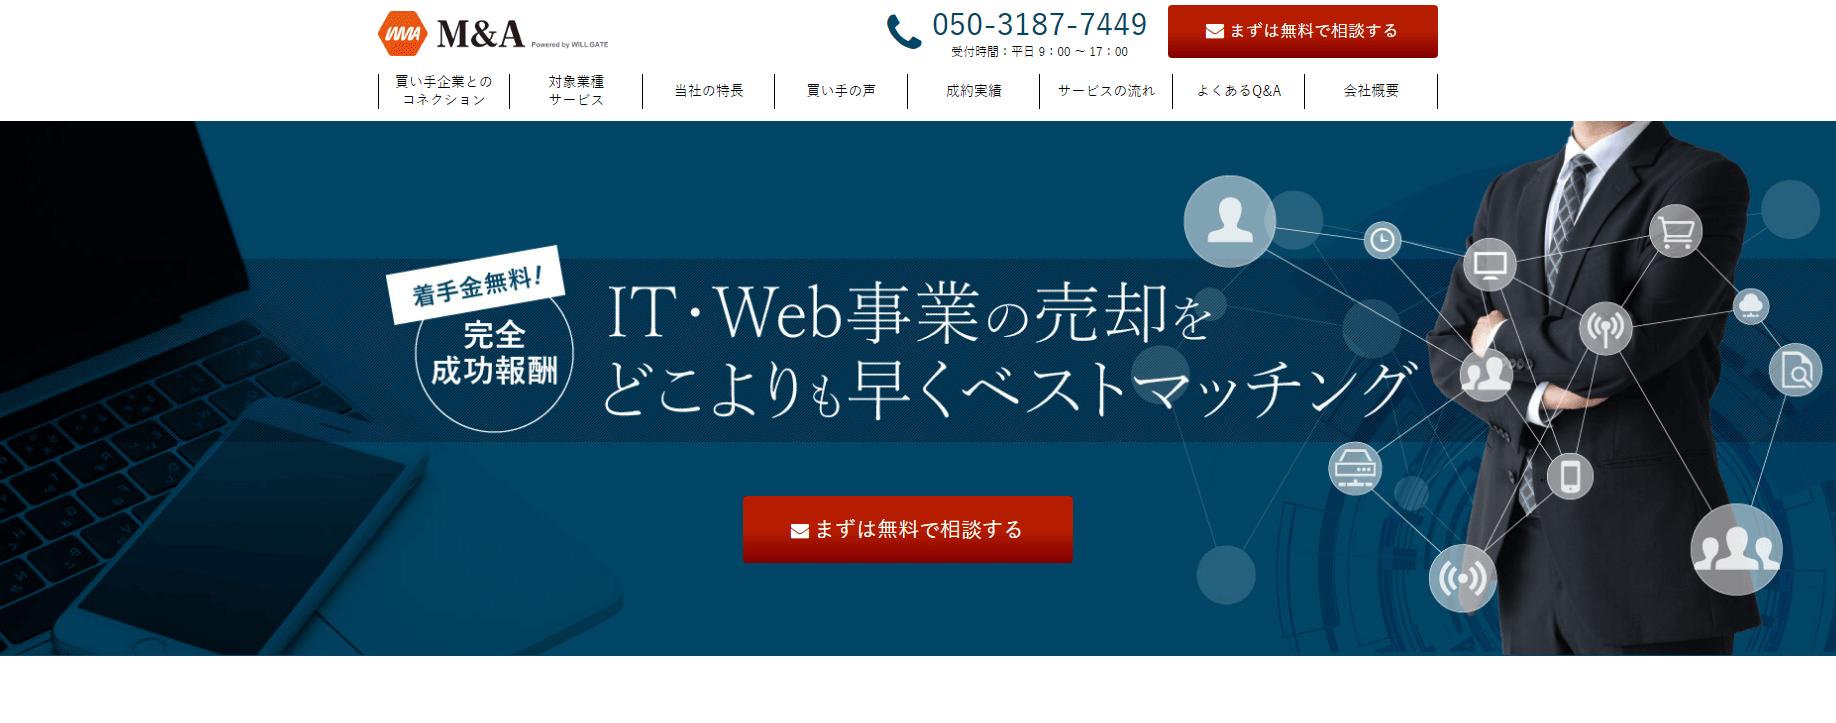 ウィルゲートM&A|Web・IT領域のM&A仲介